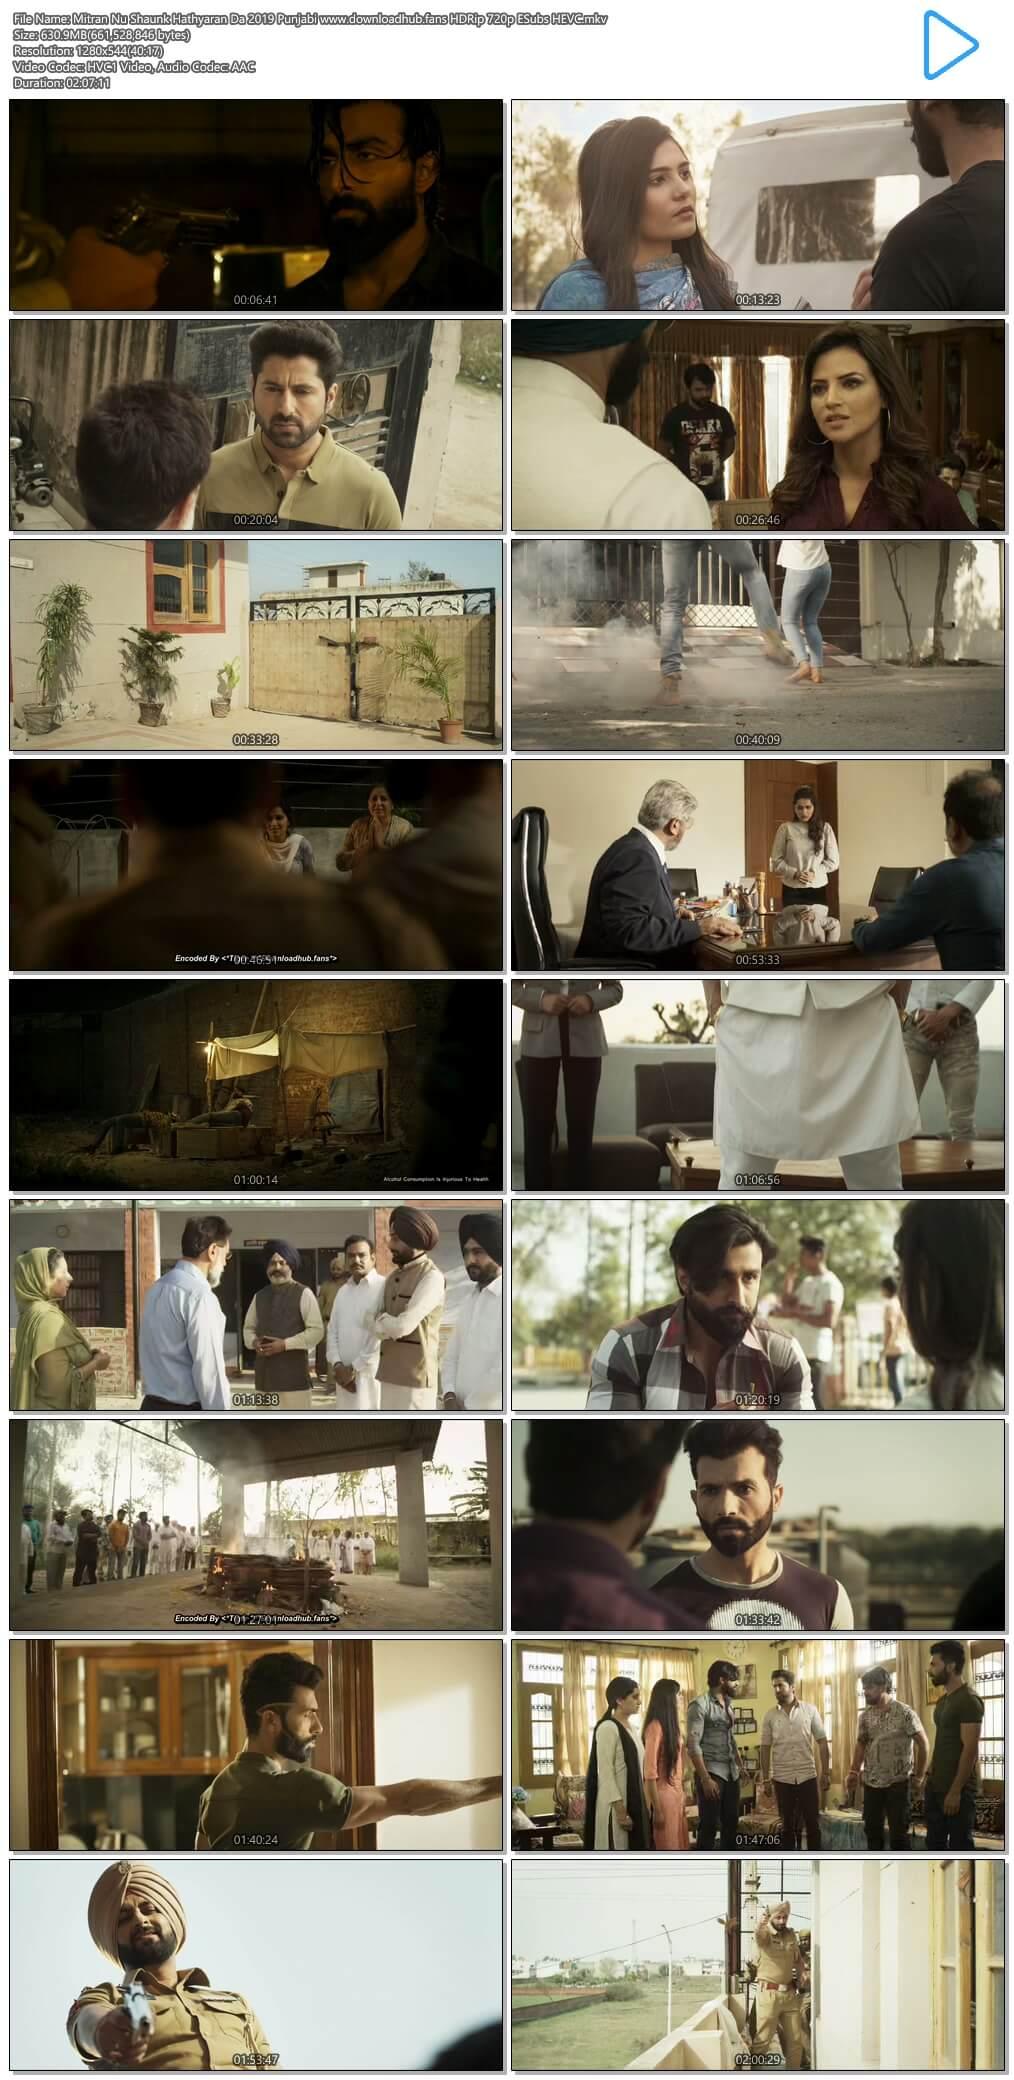 Mitran Nu Shaunk Hathyaran Da 2019 Punjabi 600MB HDRip 720p ESubs HEVC